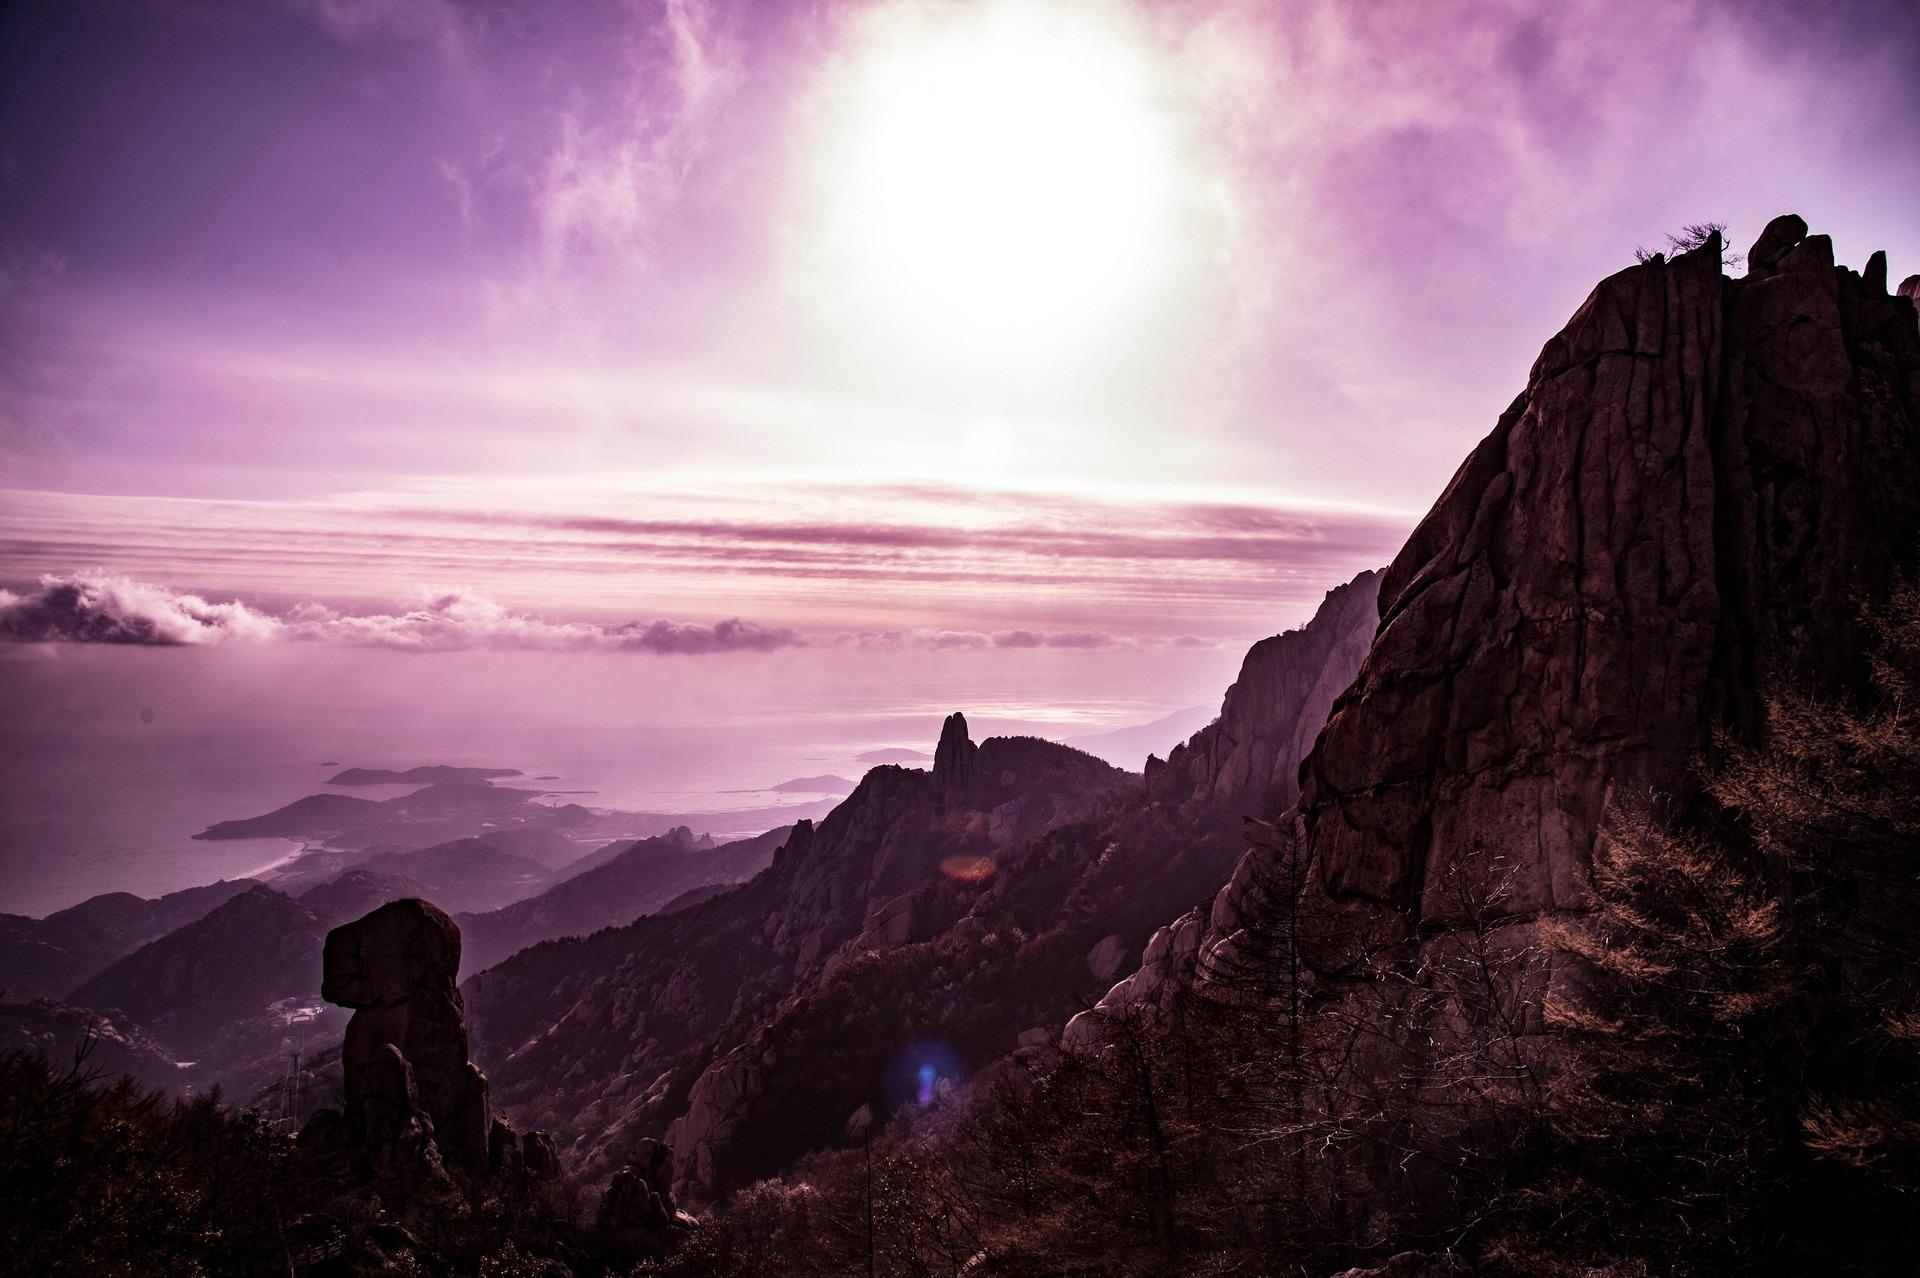 崂山之巅云雾环绕 在茫茫云雾之中看杜鹃花